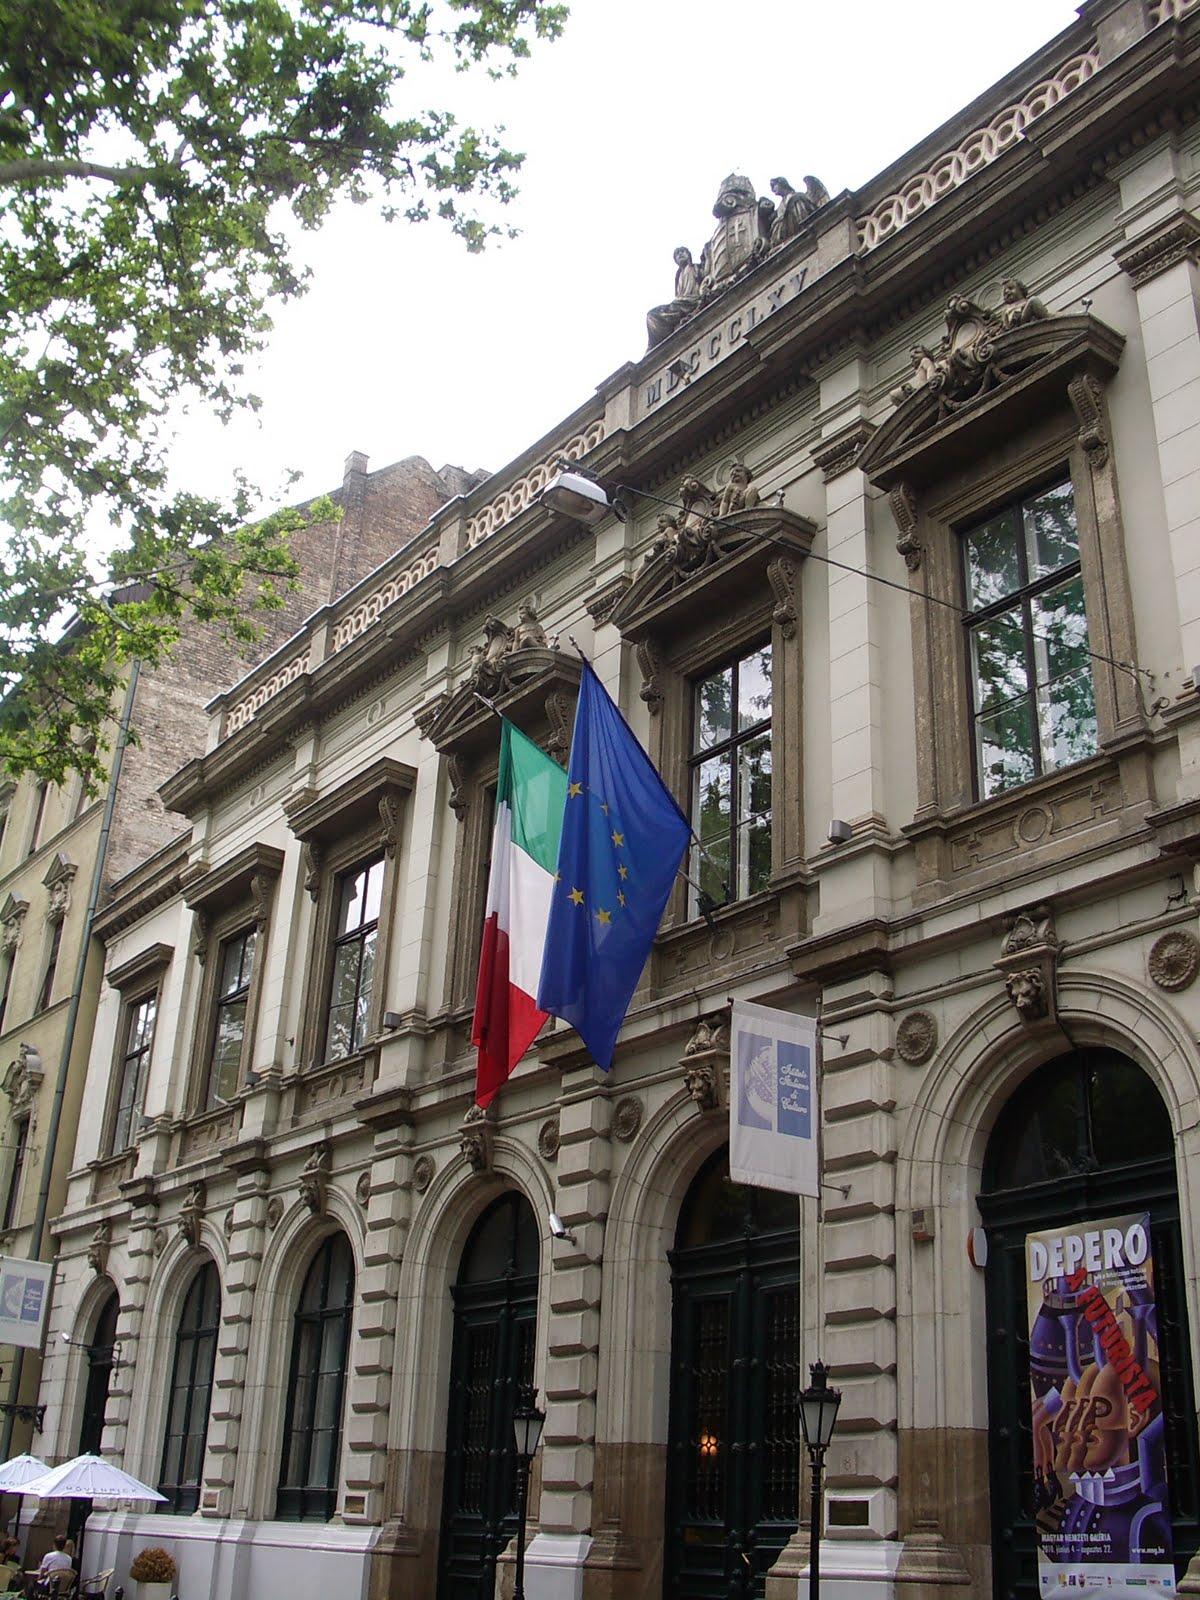 Eccomi istituto italiano di cultura a budapest for Istituto italiano